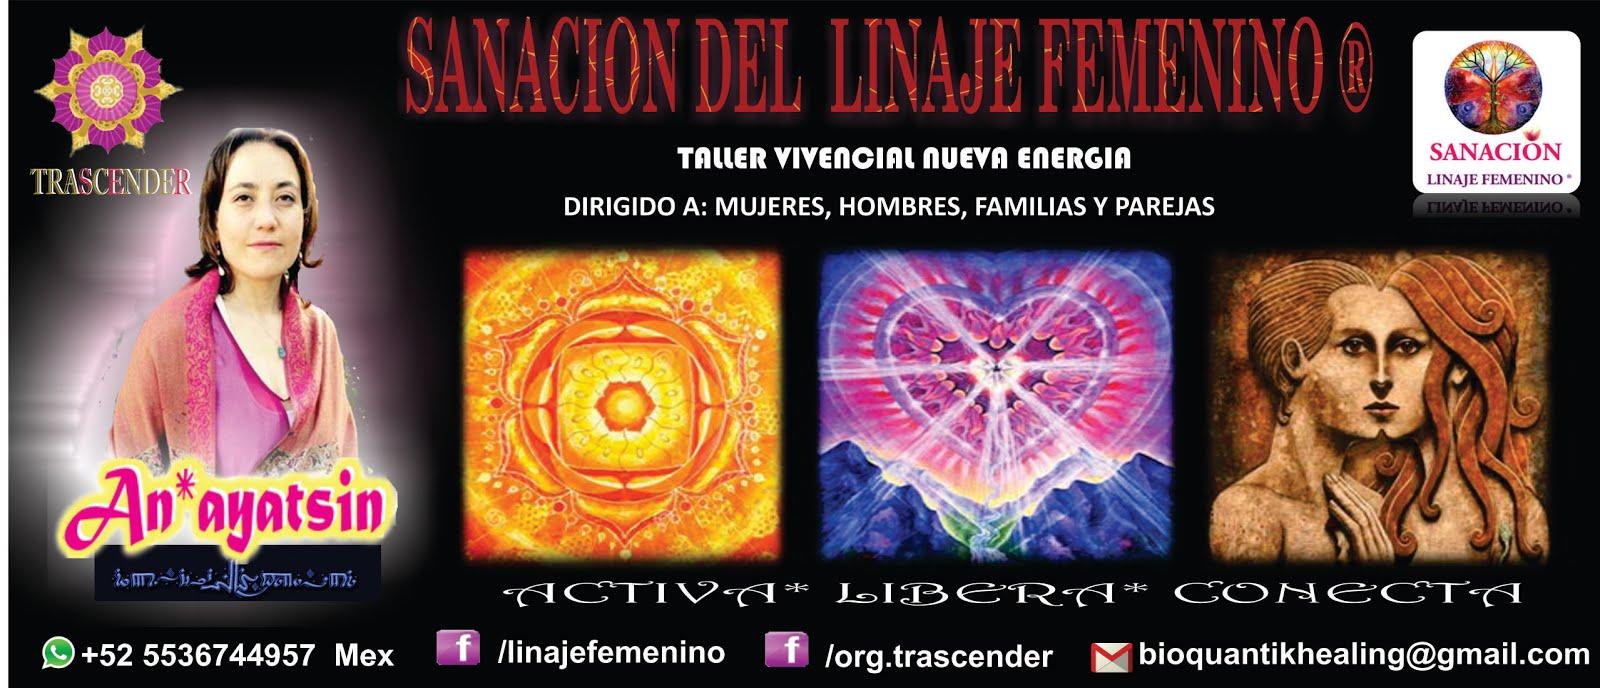 SANACION DEL  LINAJE FEMENINO ®